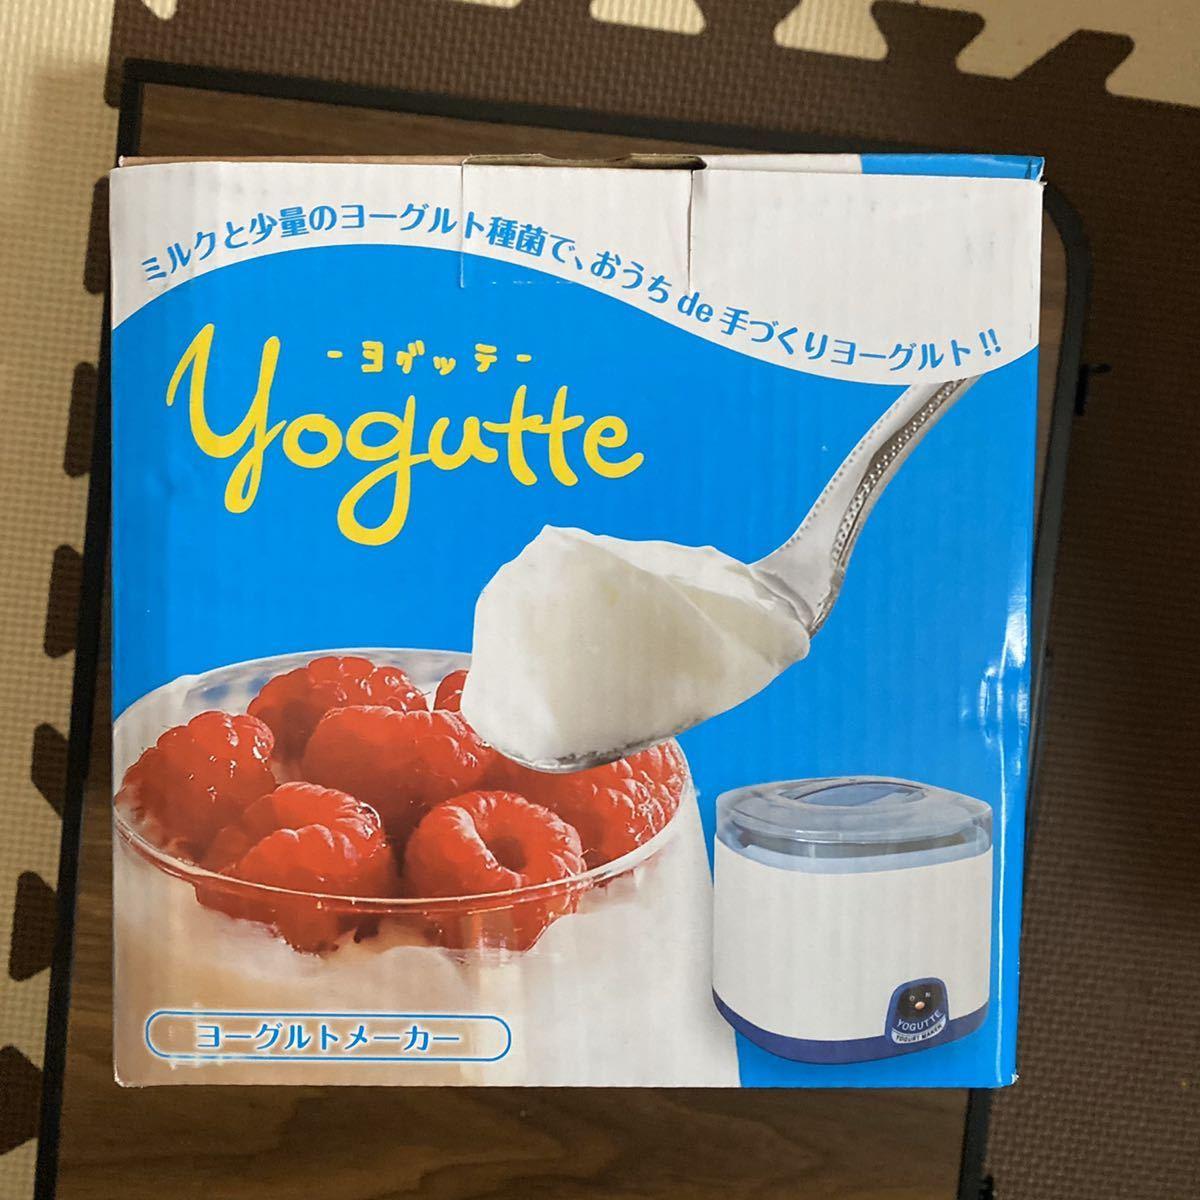 新品 ヨーグルトメーカー ヨグッテ yogutte おうちごはん_画像1